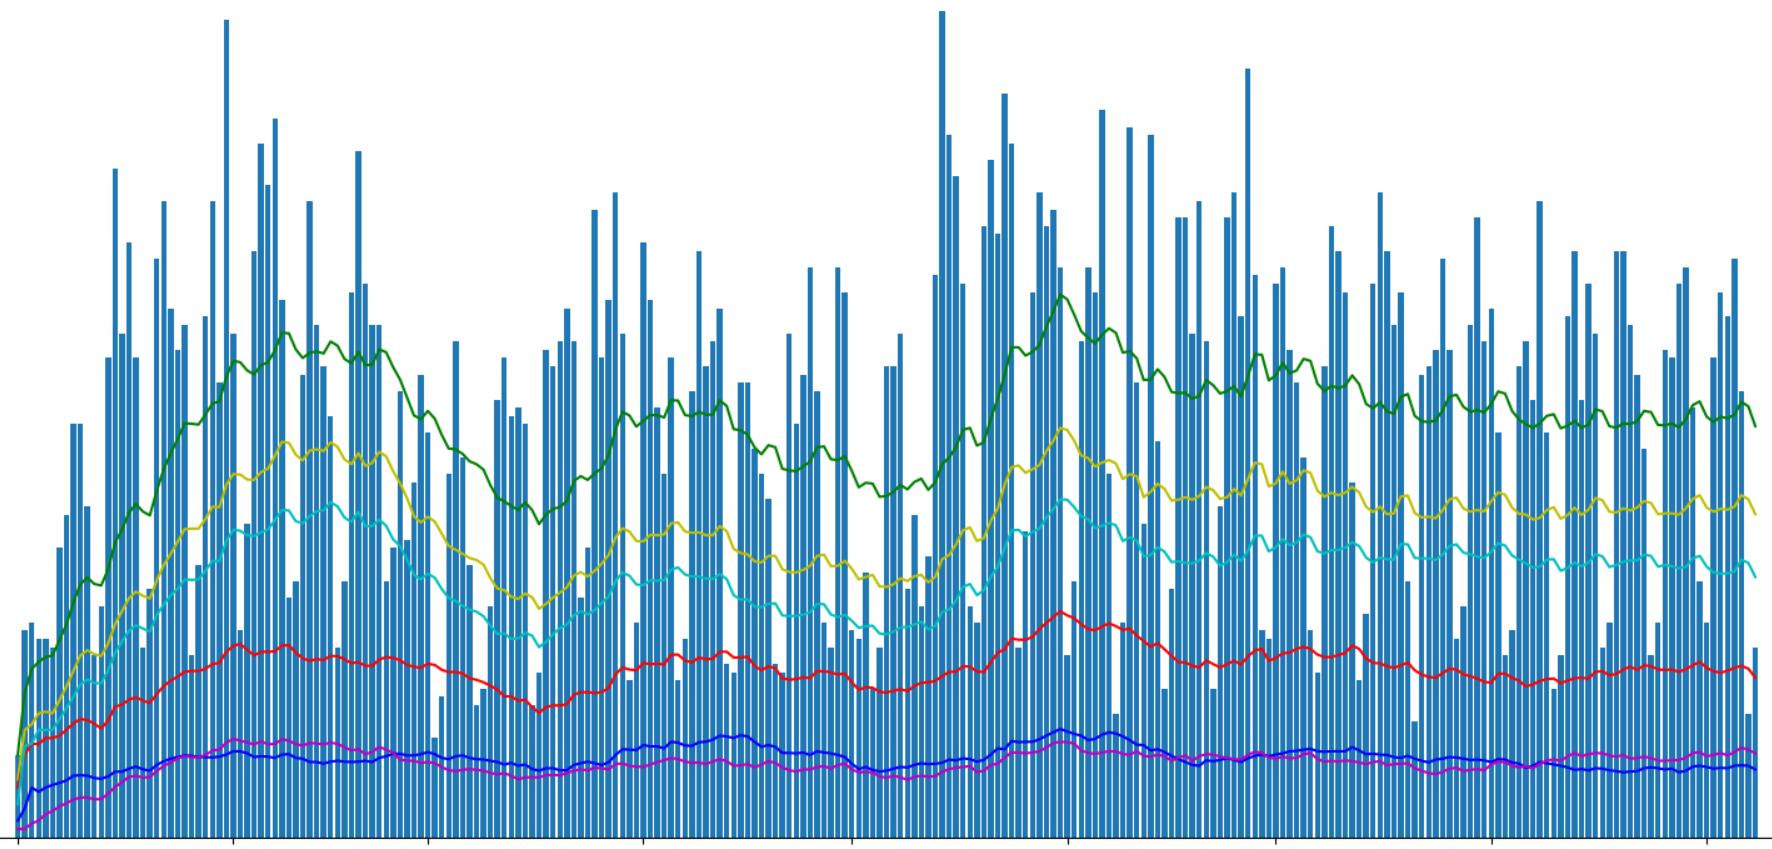 Хабрастатистика: исследуем наиболее и наименее посещаемые разделы сайта - 1